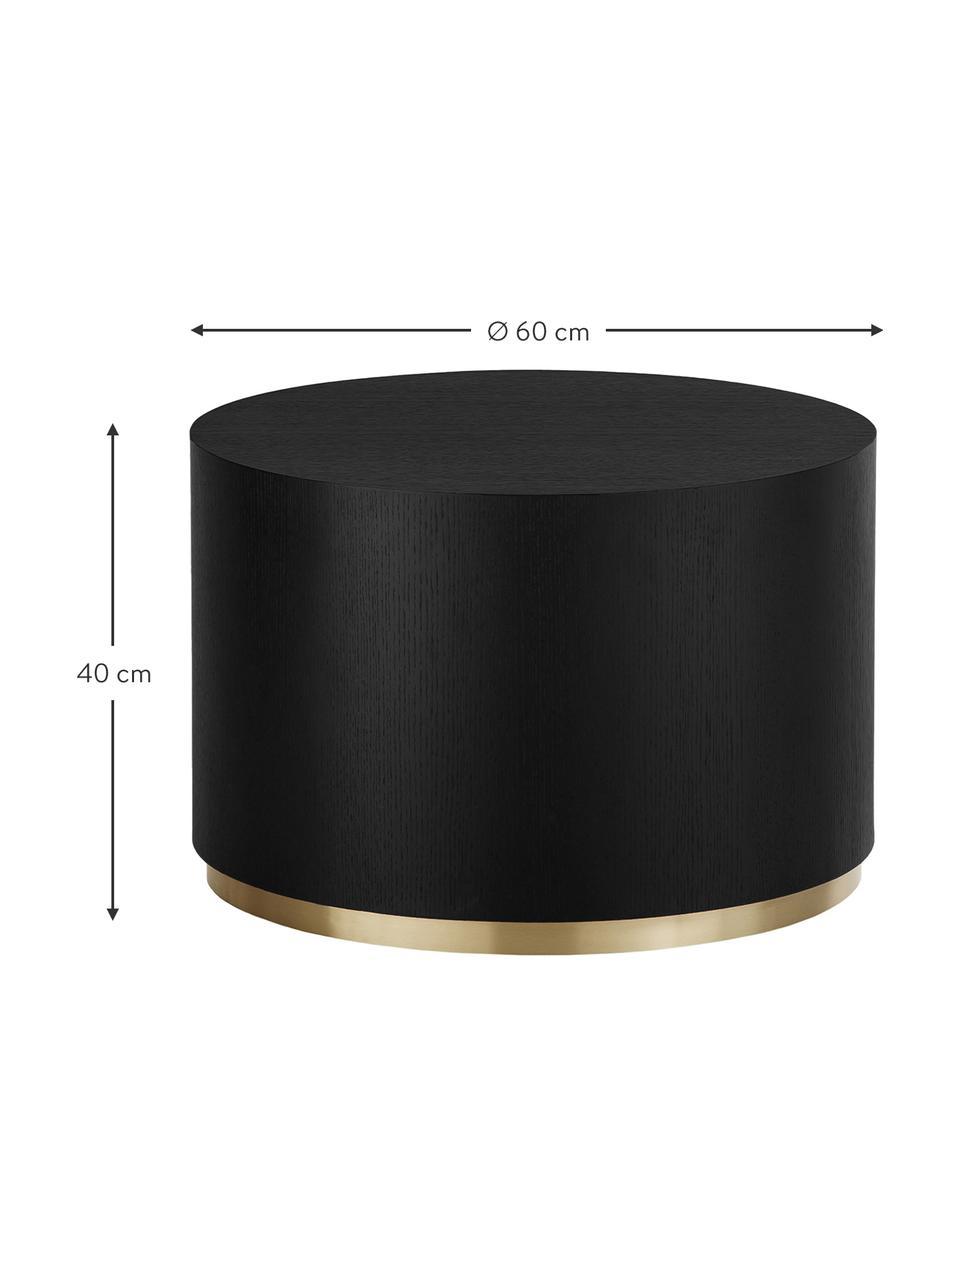 Ronde salontafel Clarice in zwart, Frame: MDF met eikenhoutfineer, Voet: gecoat metaal, Zwart, goudkleurig, Ø 60 x H 40 cm